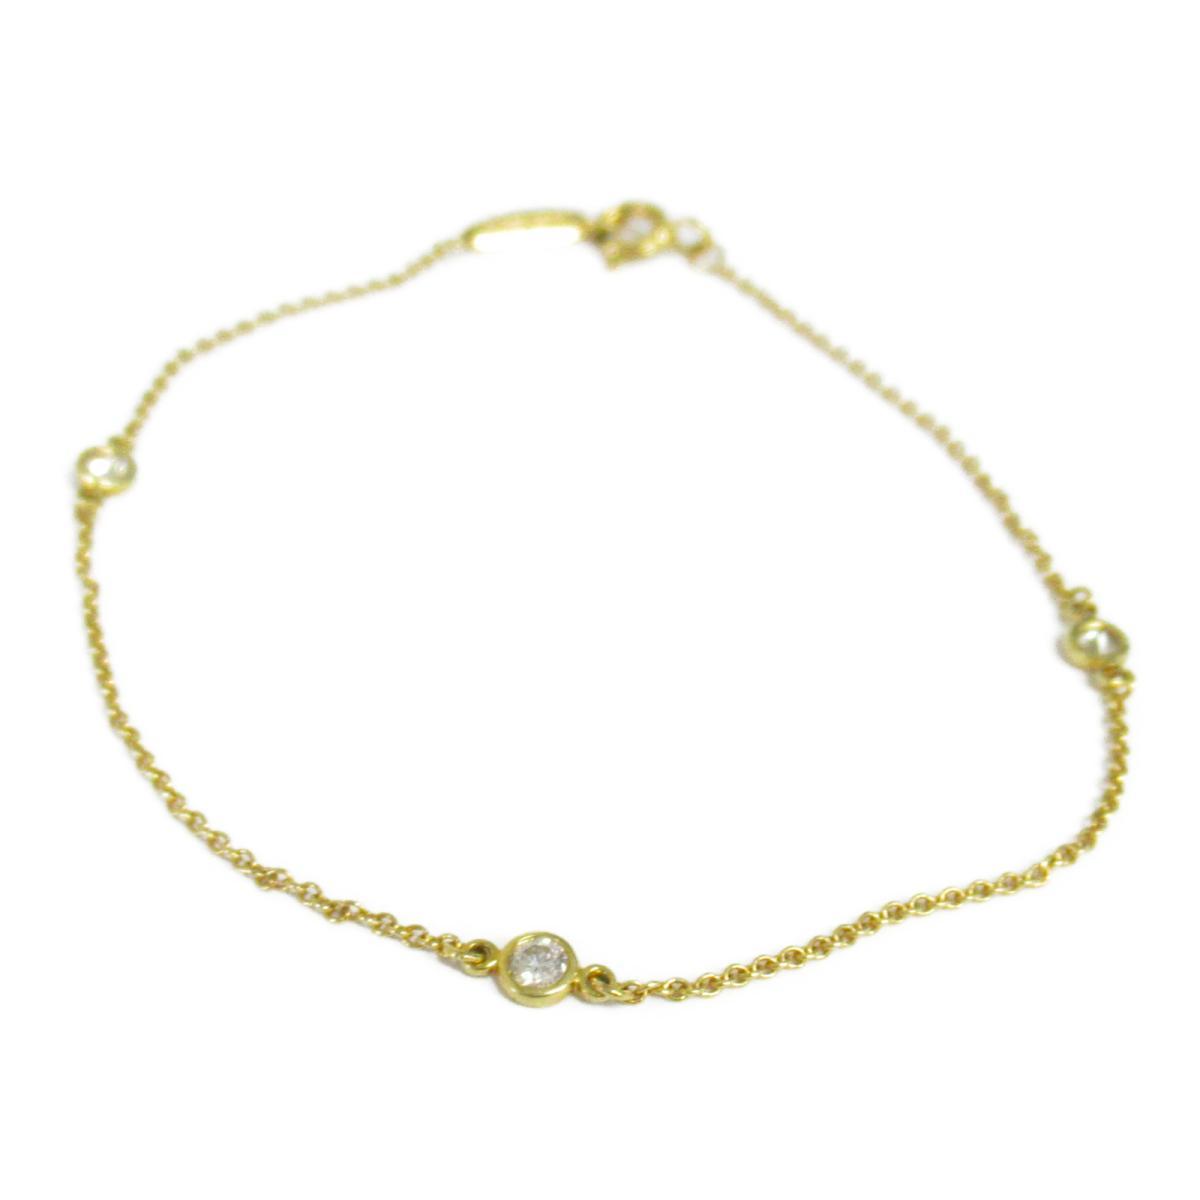 【中古】 ティファニー バイザヤードブレス ブレスレット レディース K18YG (750) イエローゴールド ダイヤモンド | TIFFANY&CO BRANDOFF ブランドオフ ブランド アクセサリー 腕輪